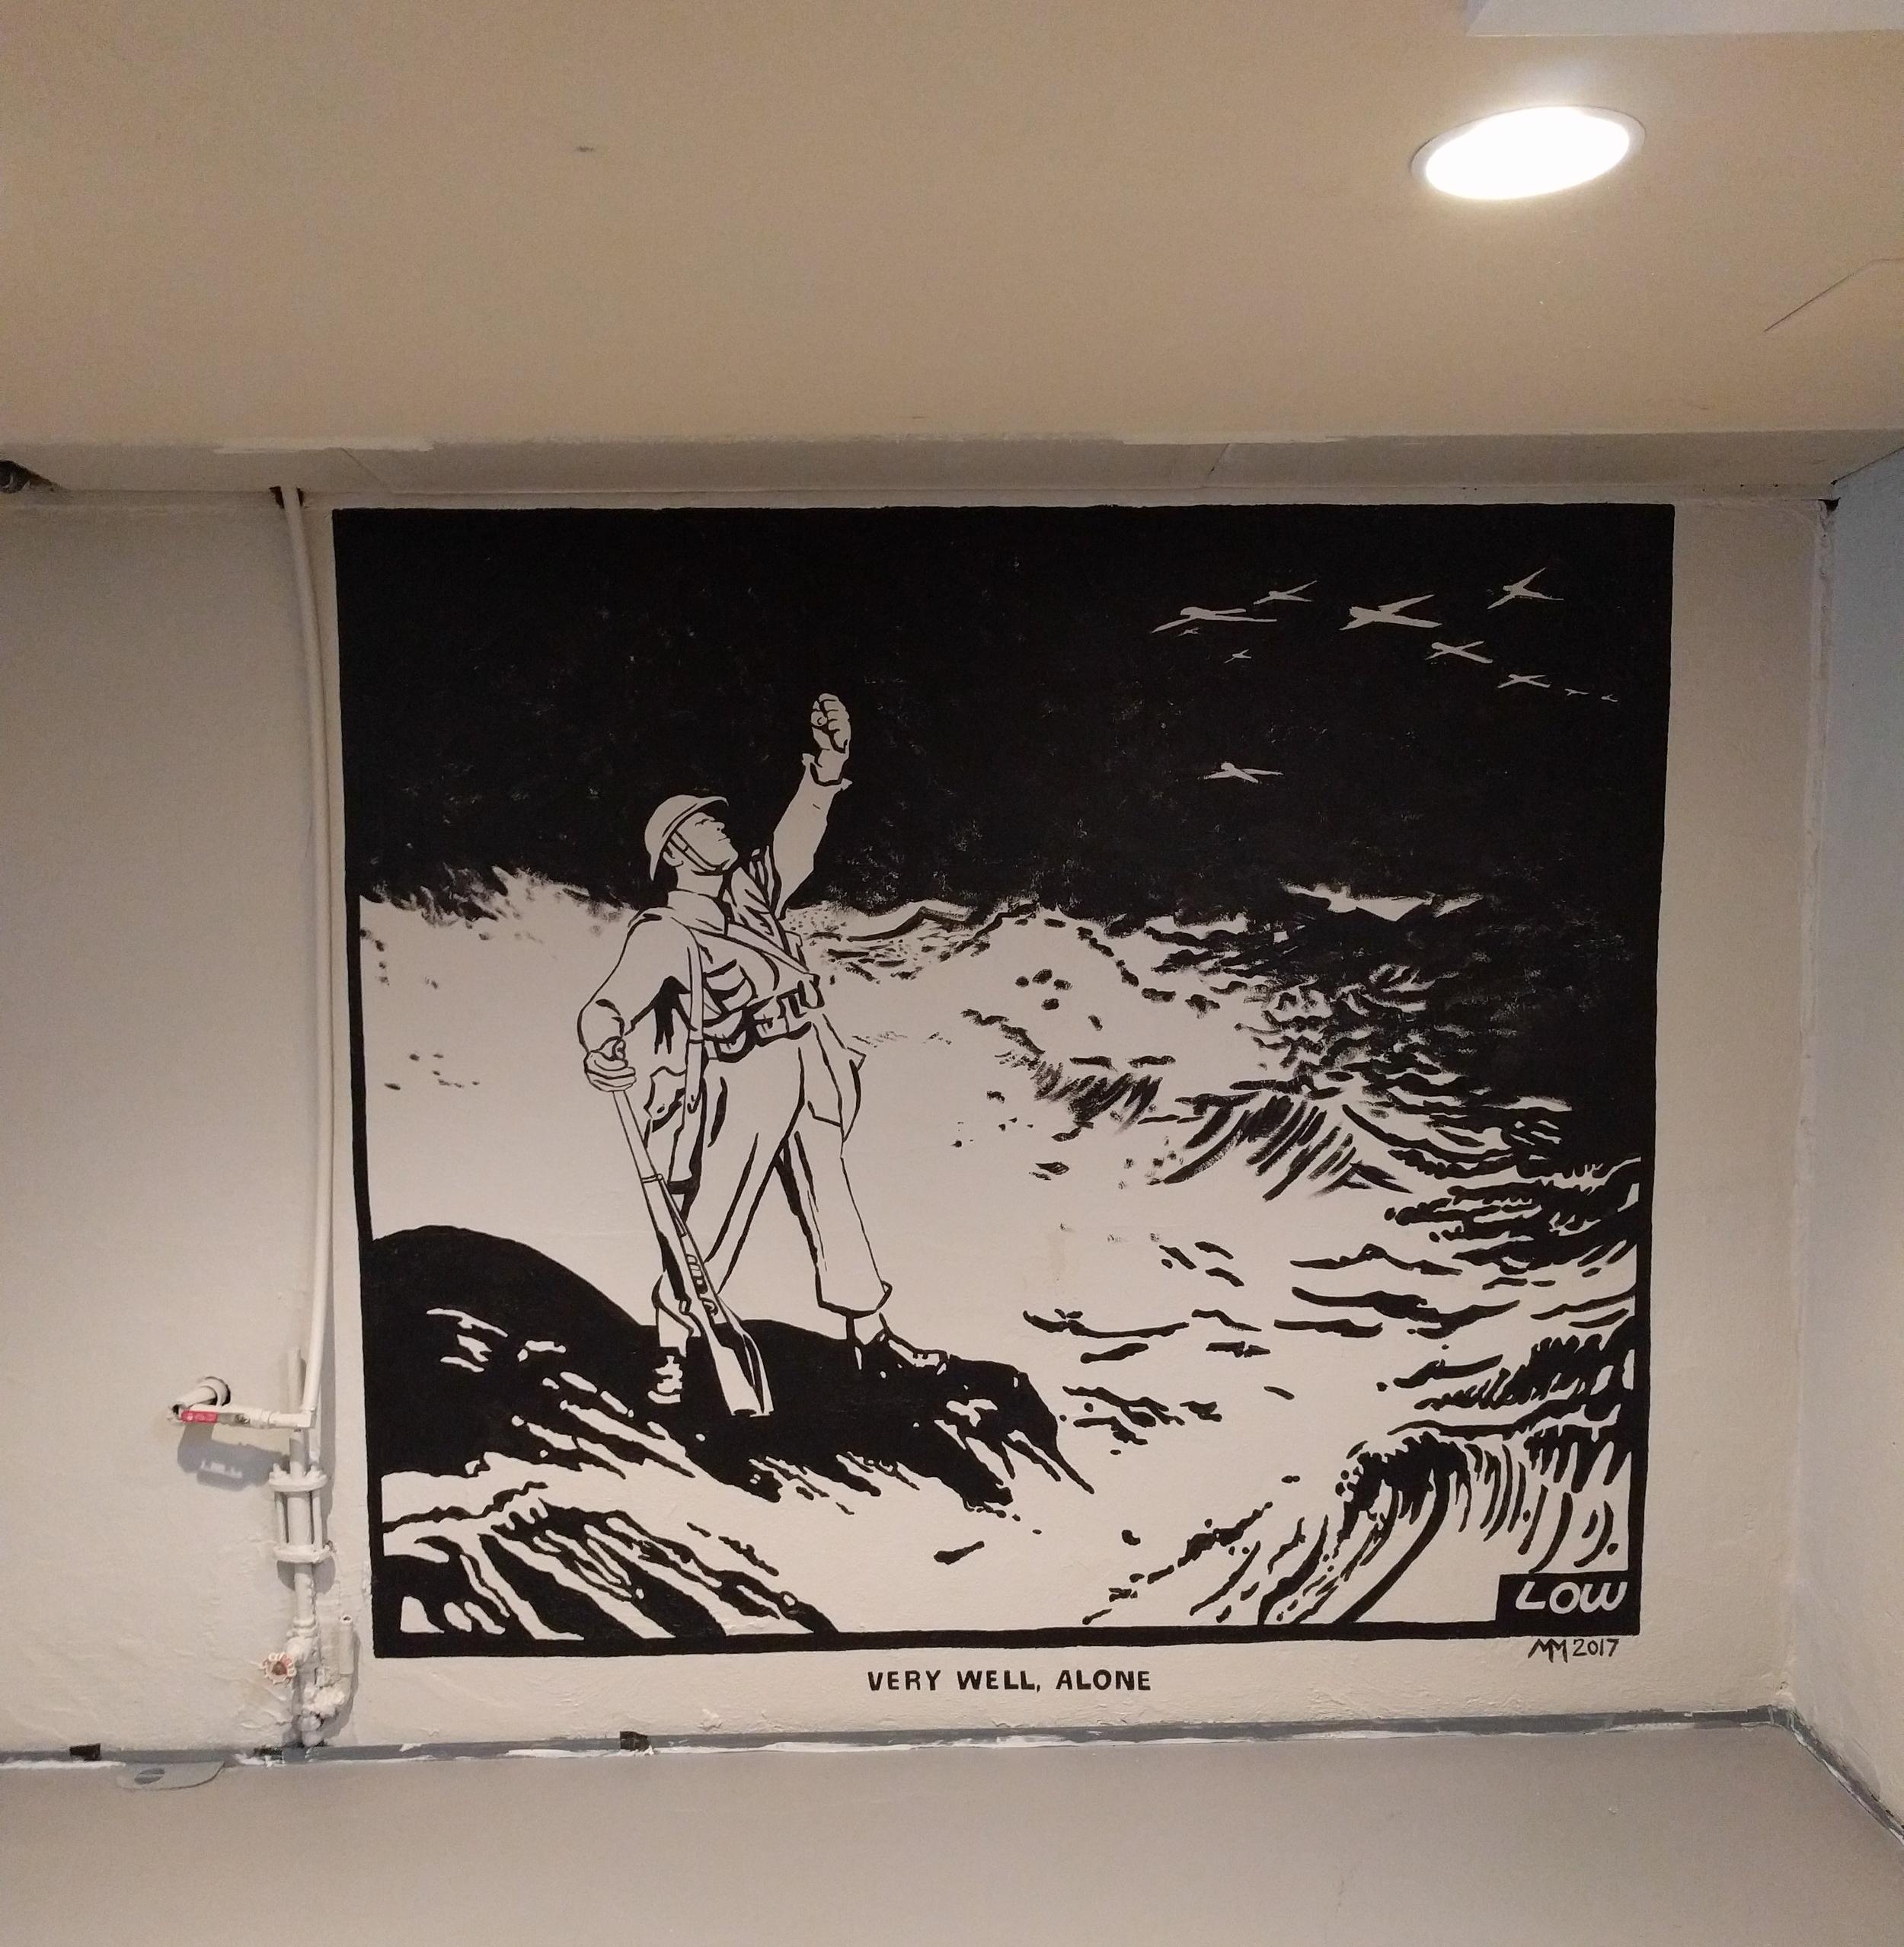 Low Mural